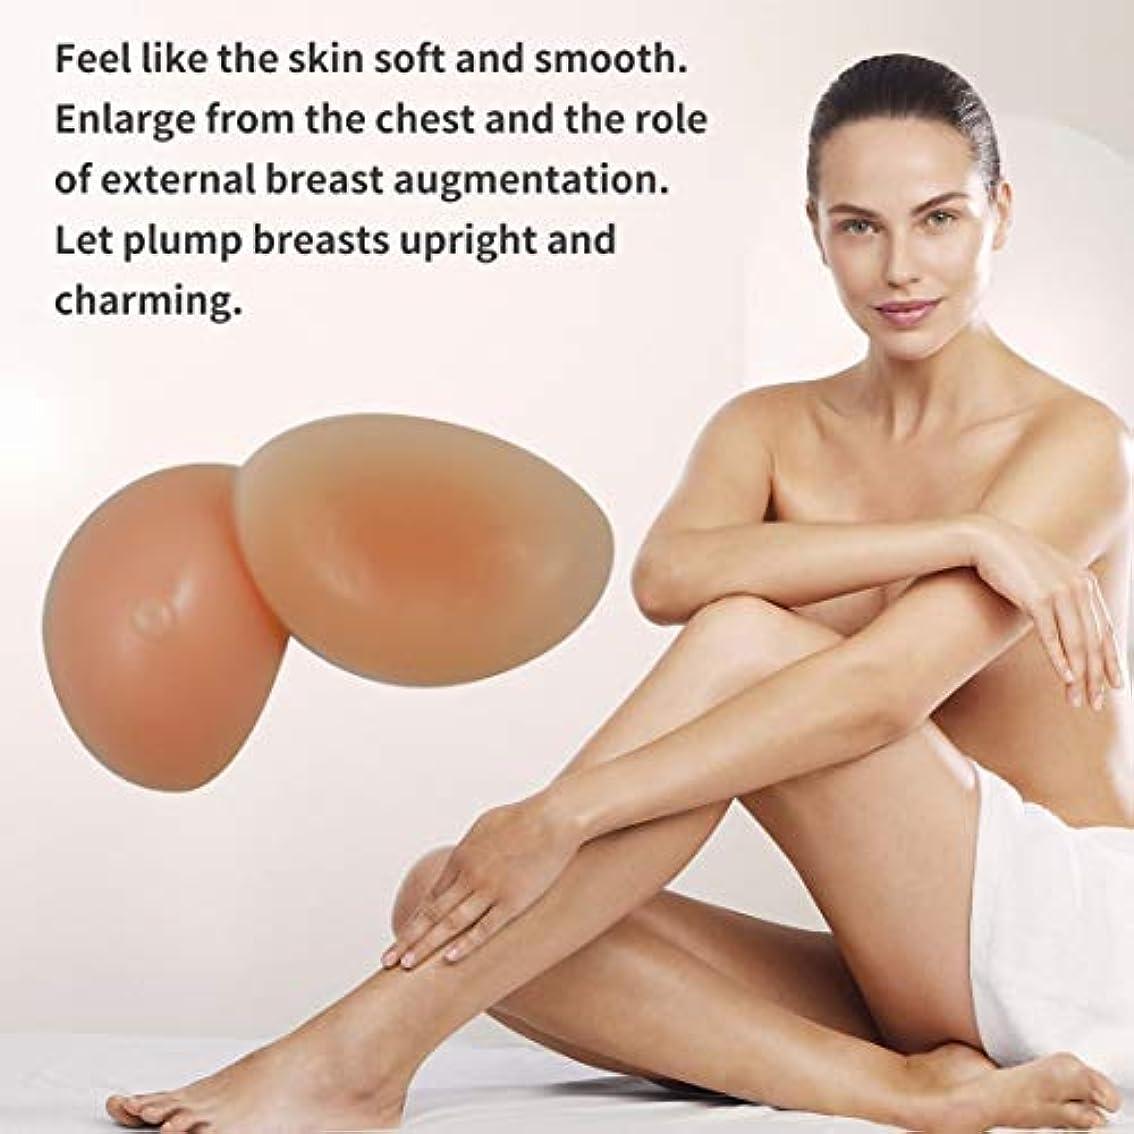 宮殿段階繊細シリコーンフォーム偽乳房エンハンサープッシュアップパッドブースターブラインサート人工乳房リアルな防水シリコーン乳房フォーム